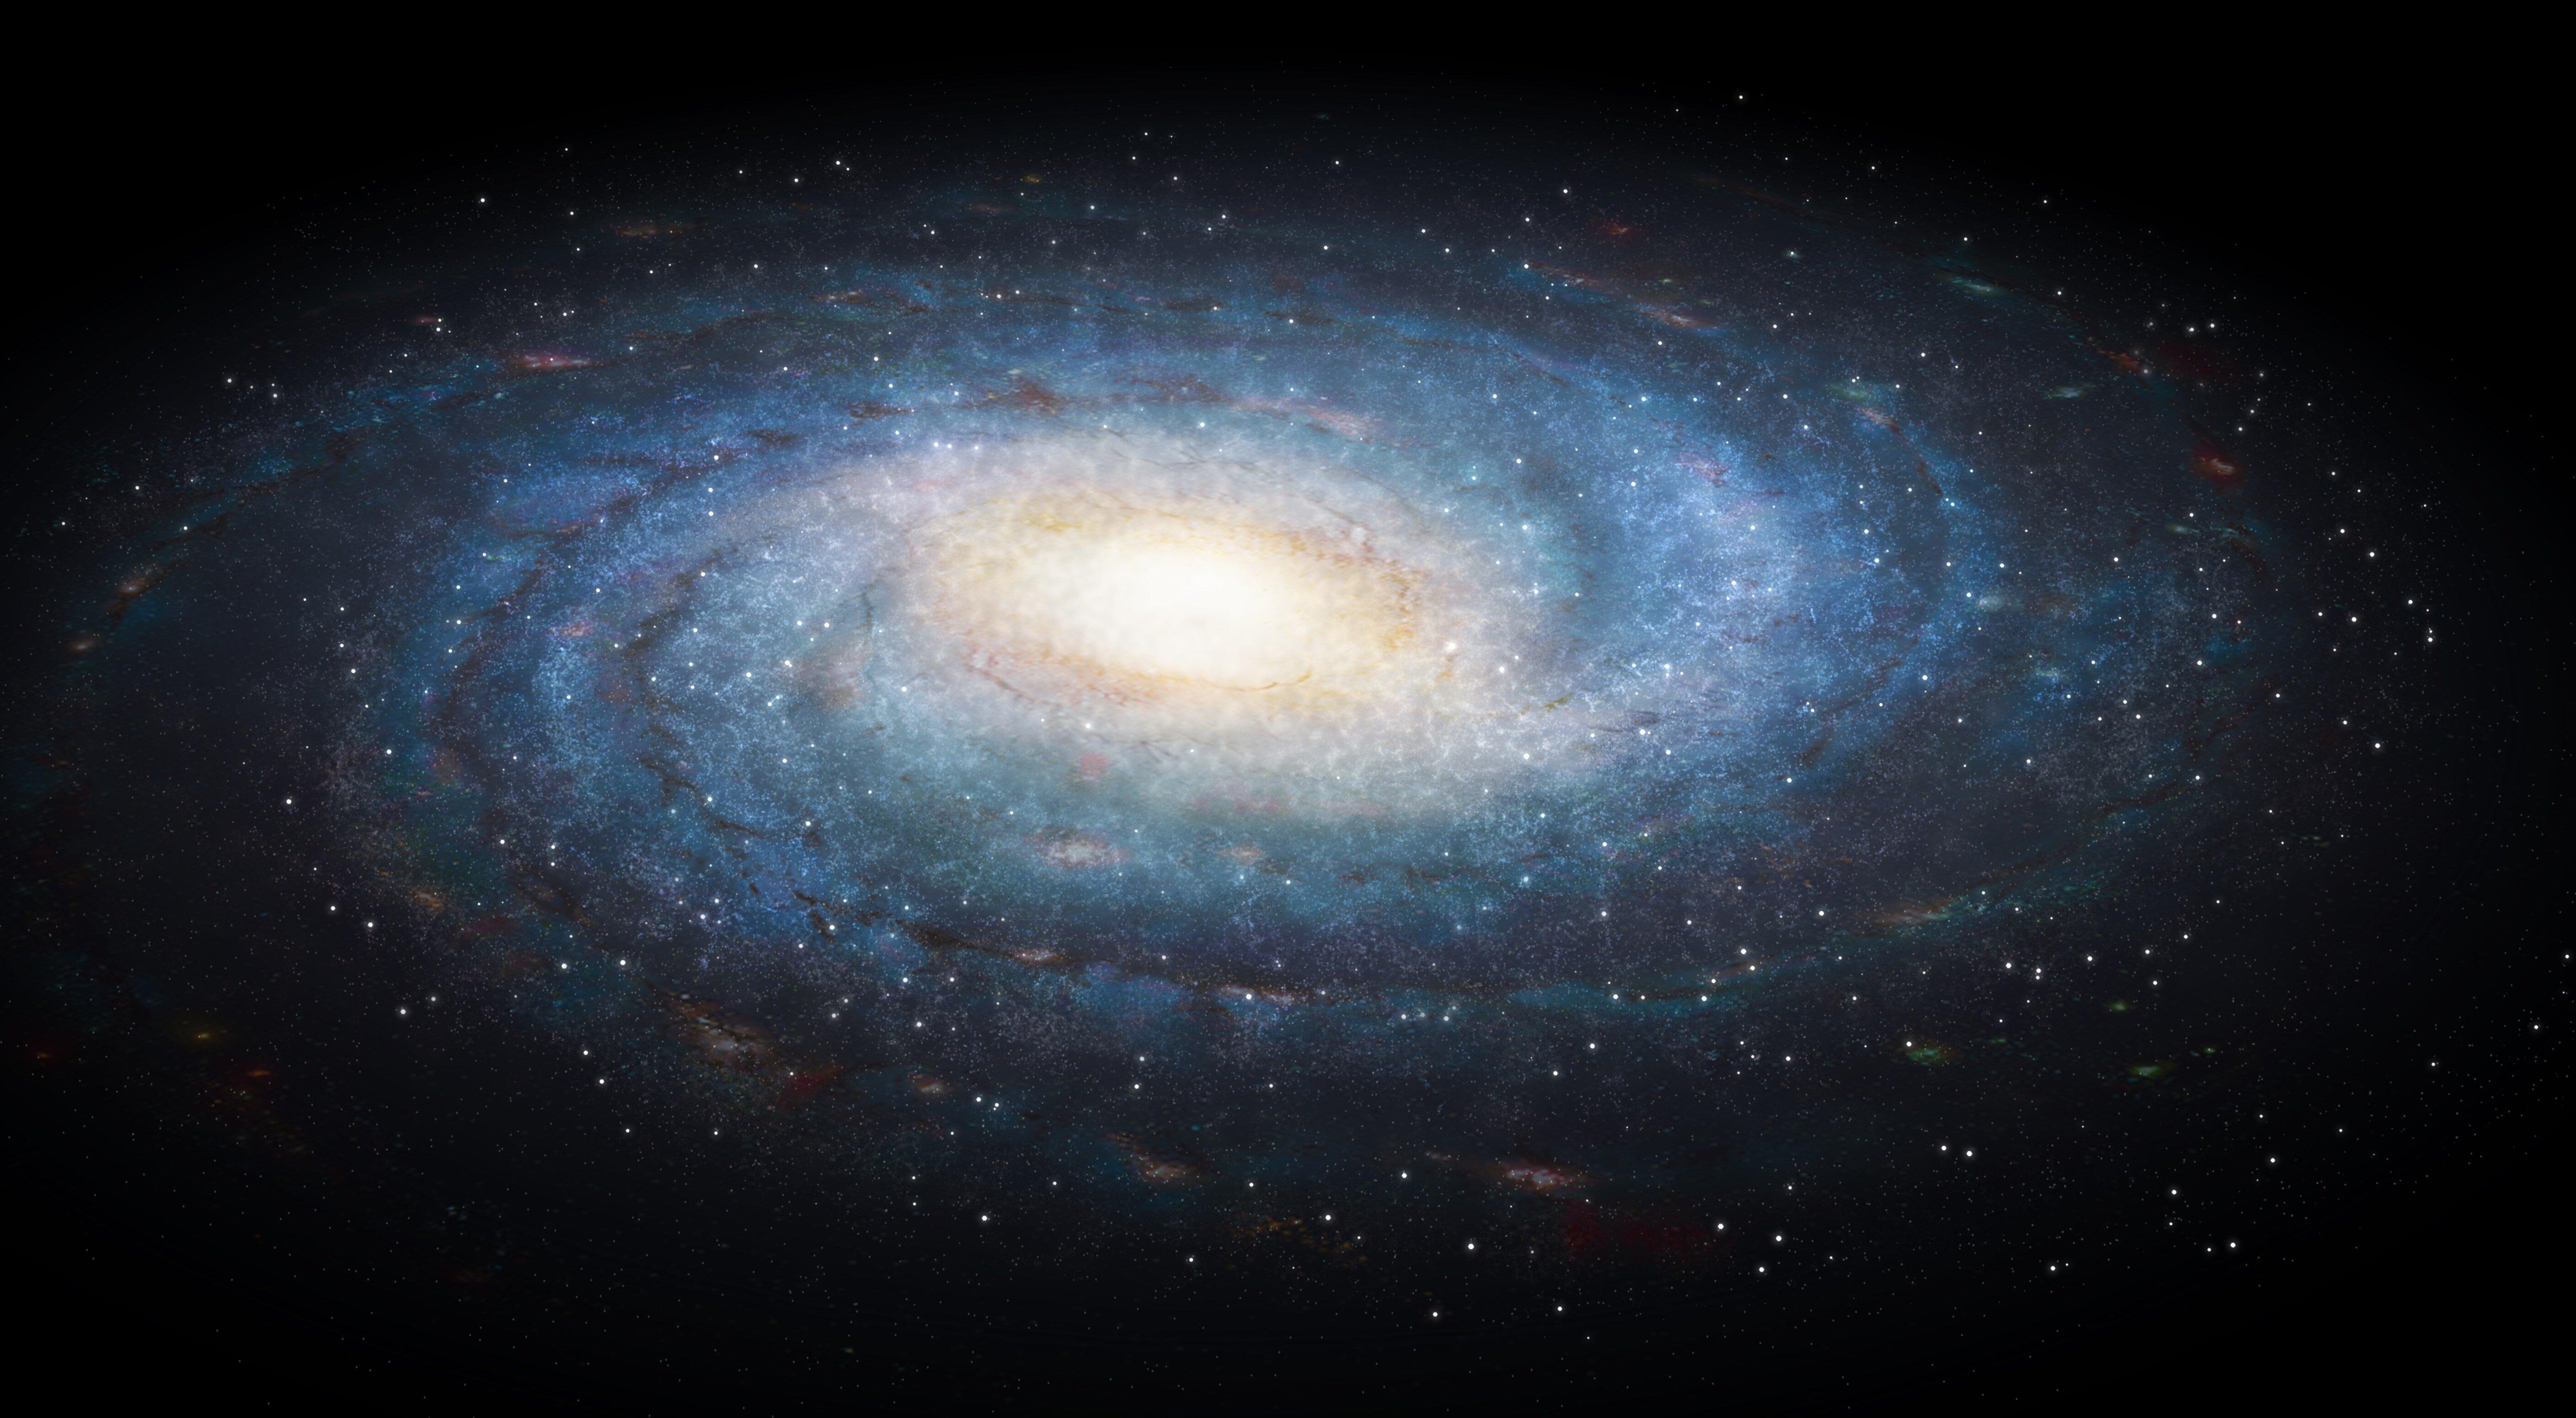 Il y aurait un trou dans la galaxie à cause de la matière